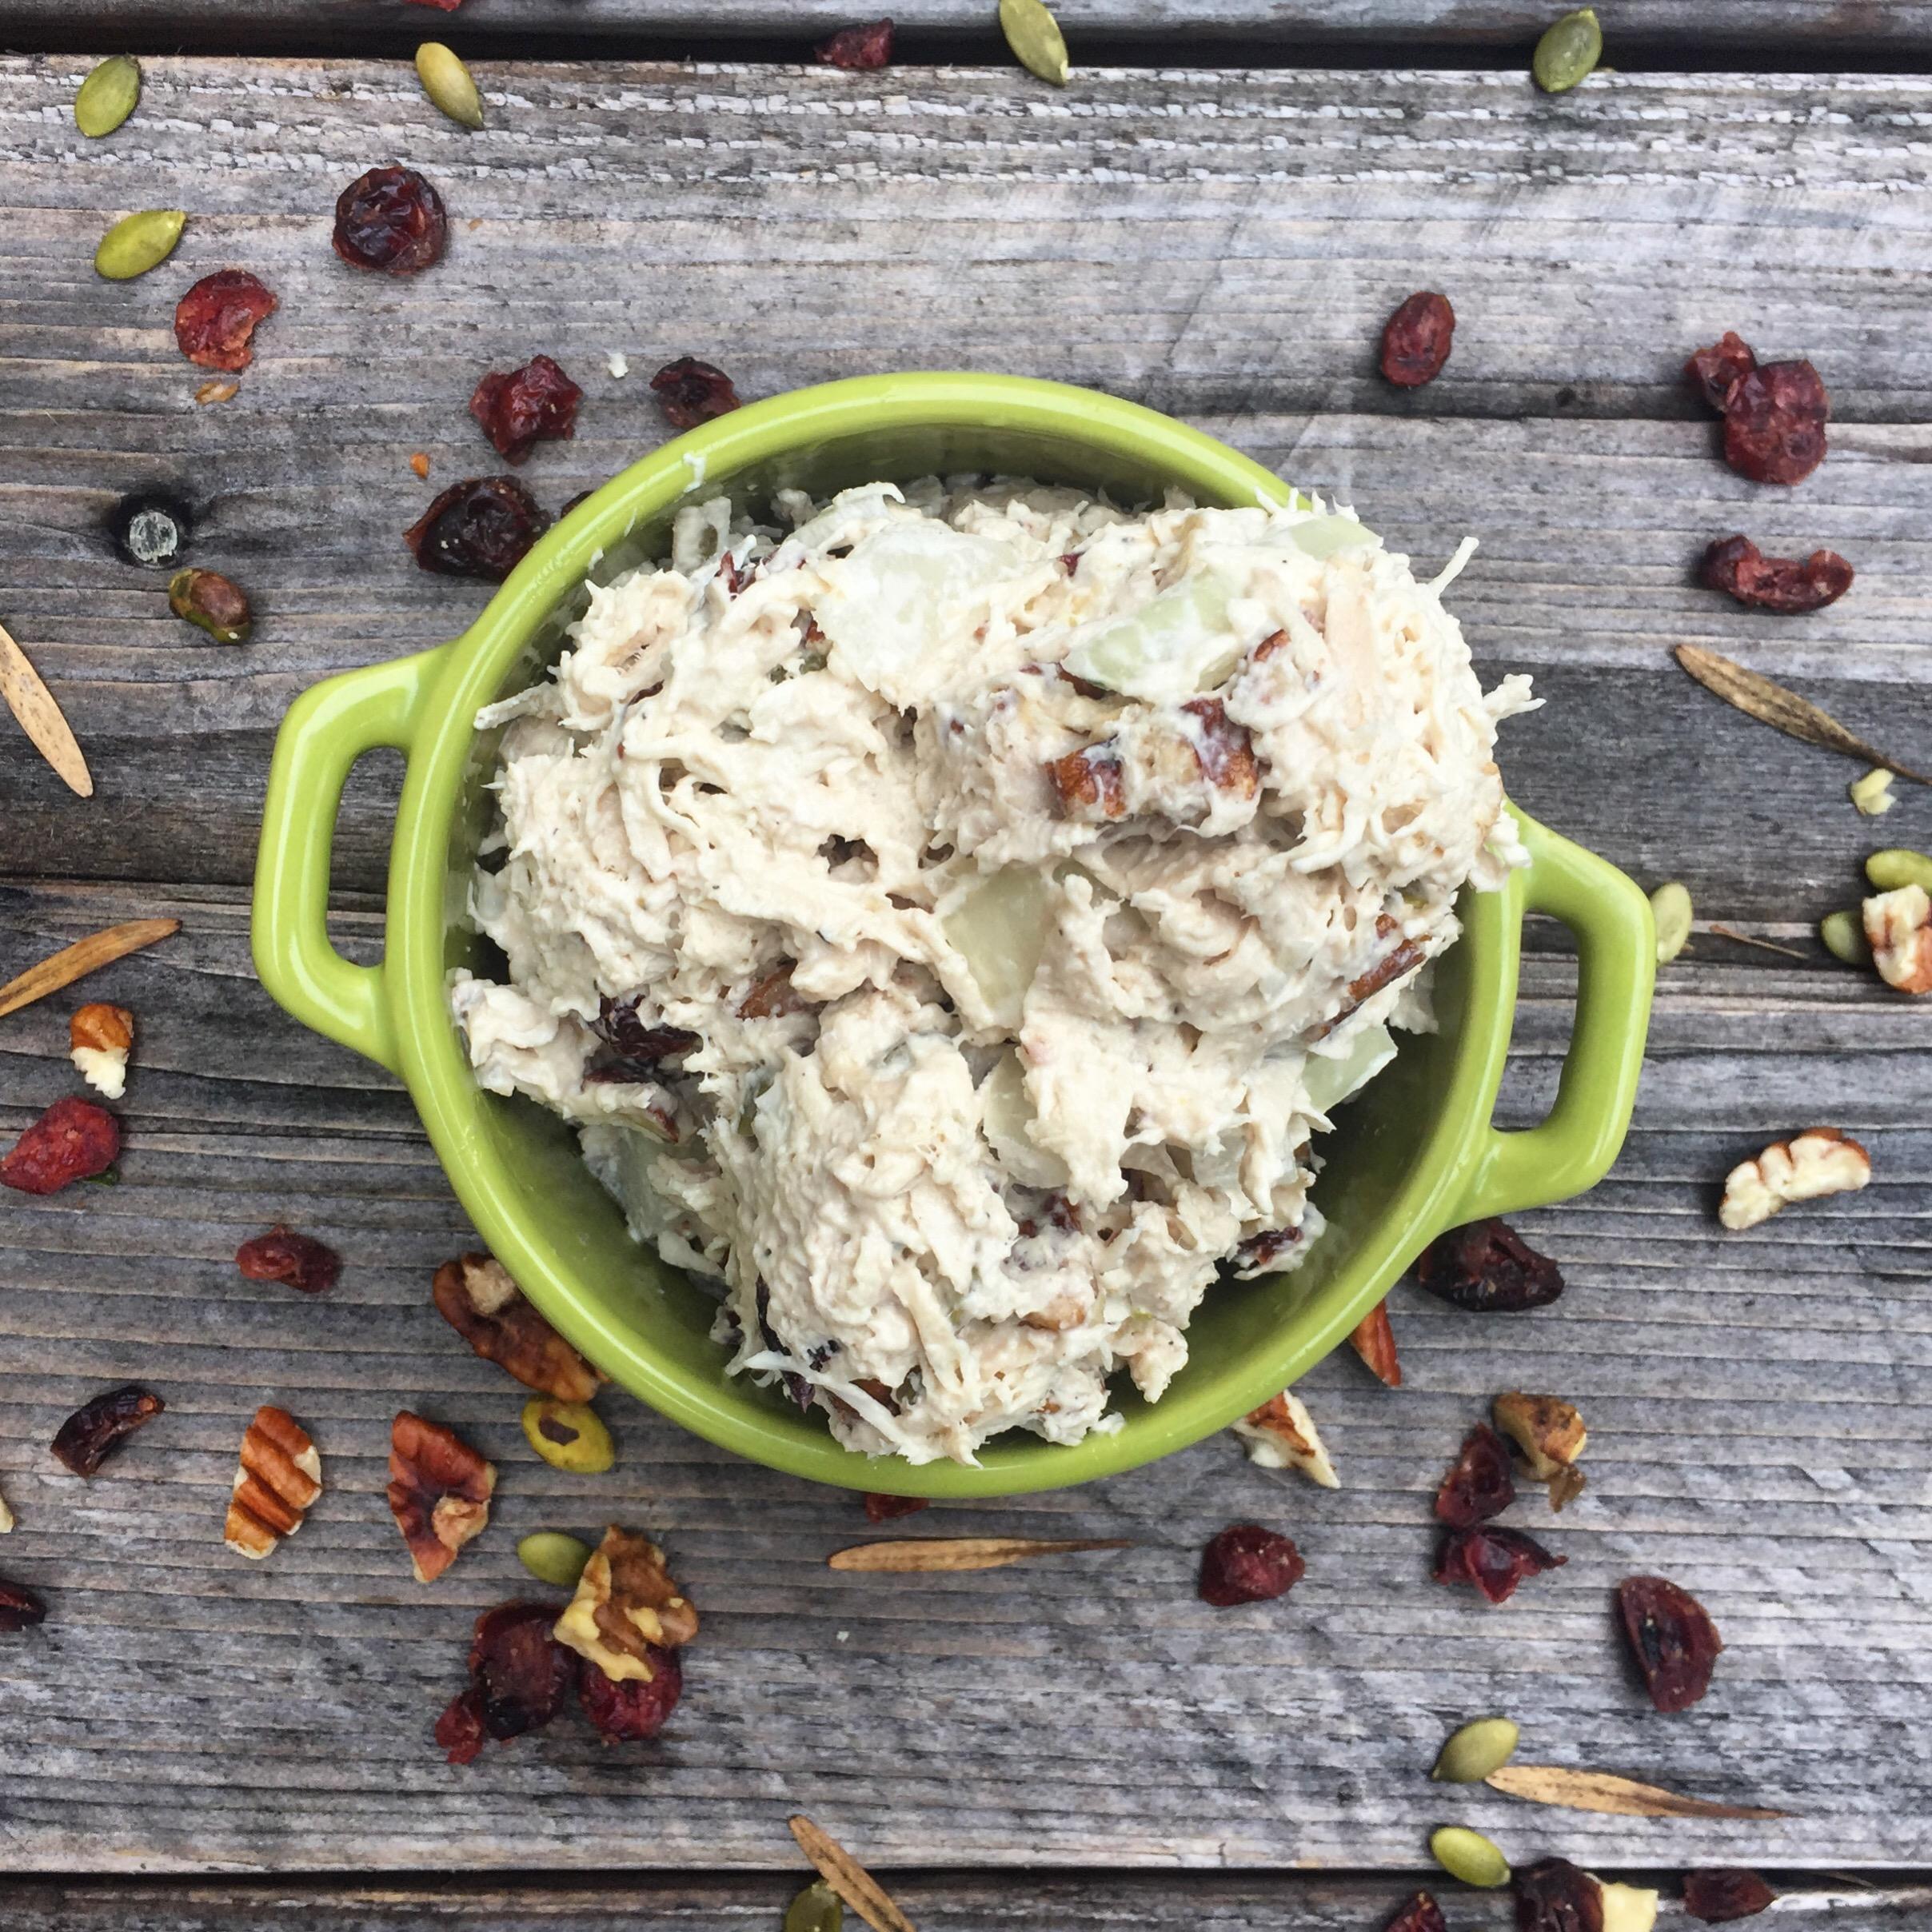 Cranberry Nut Chicken Salad